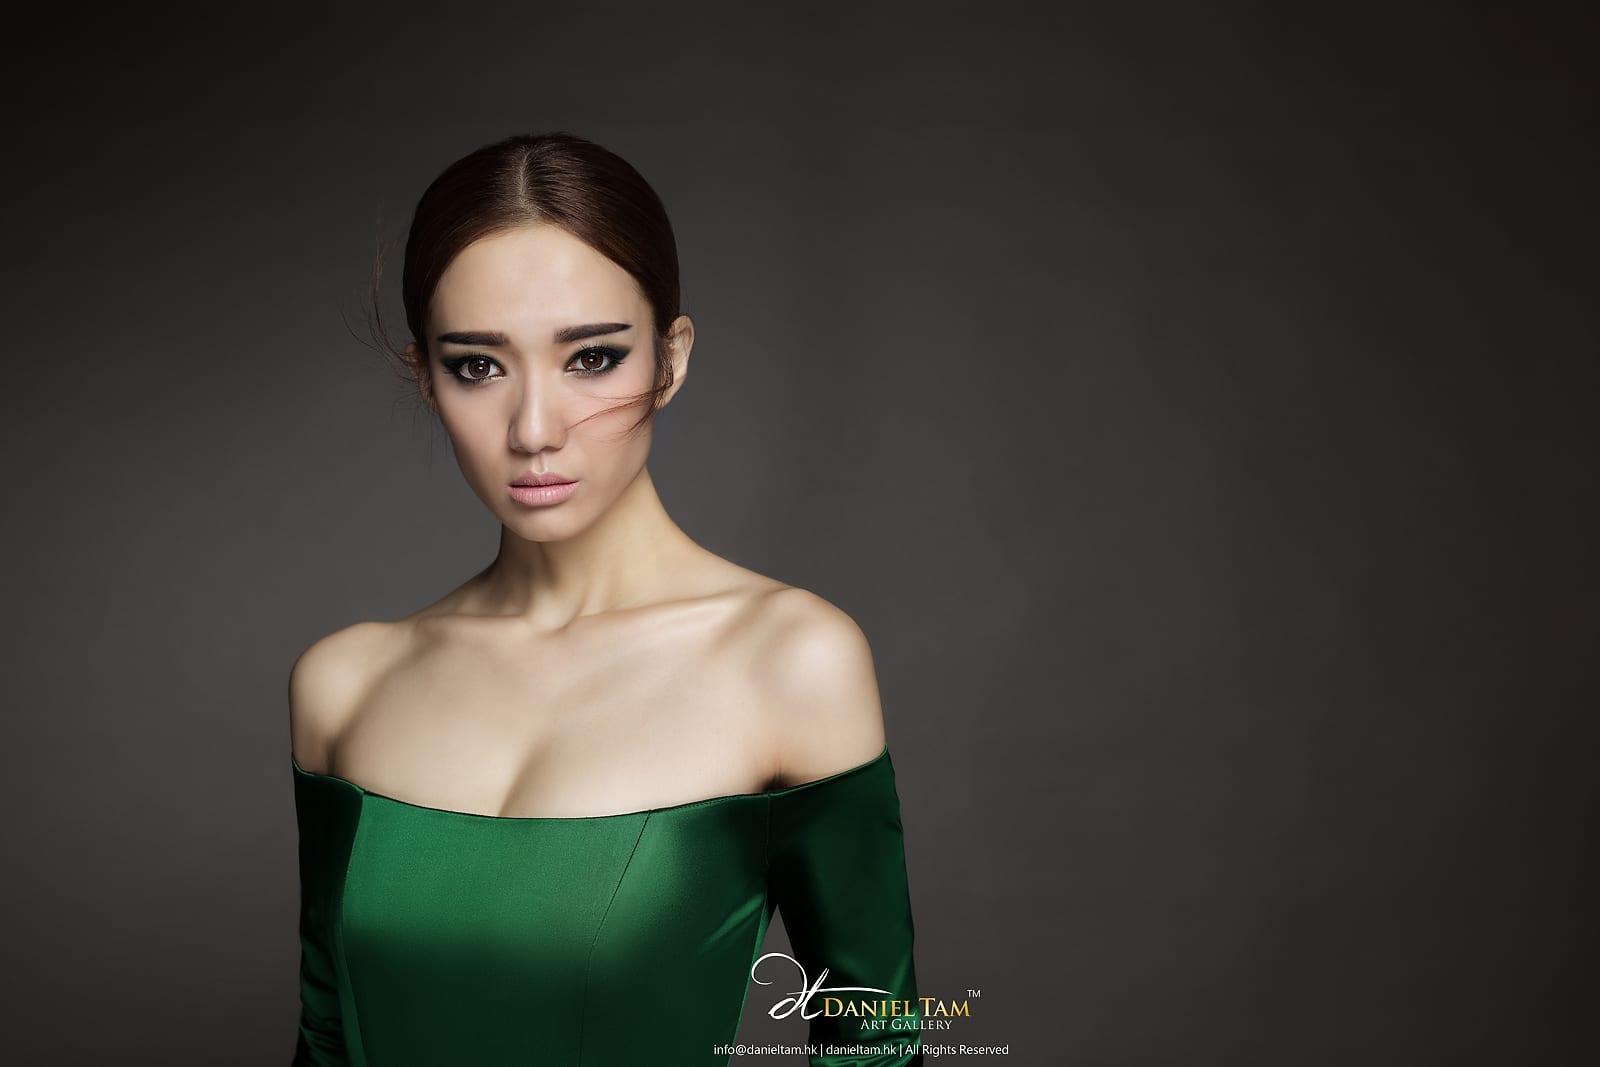 黃君馨造型照 Grace wong portrait 2